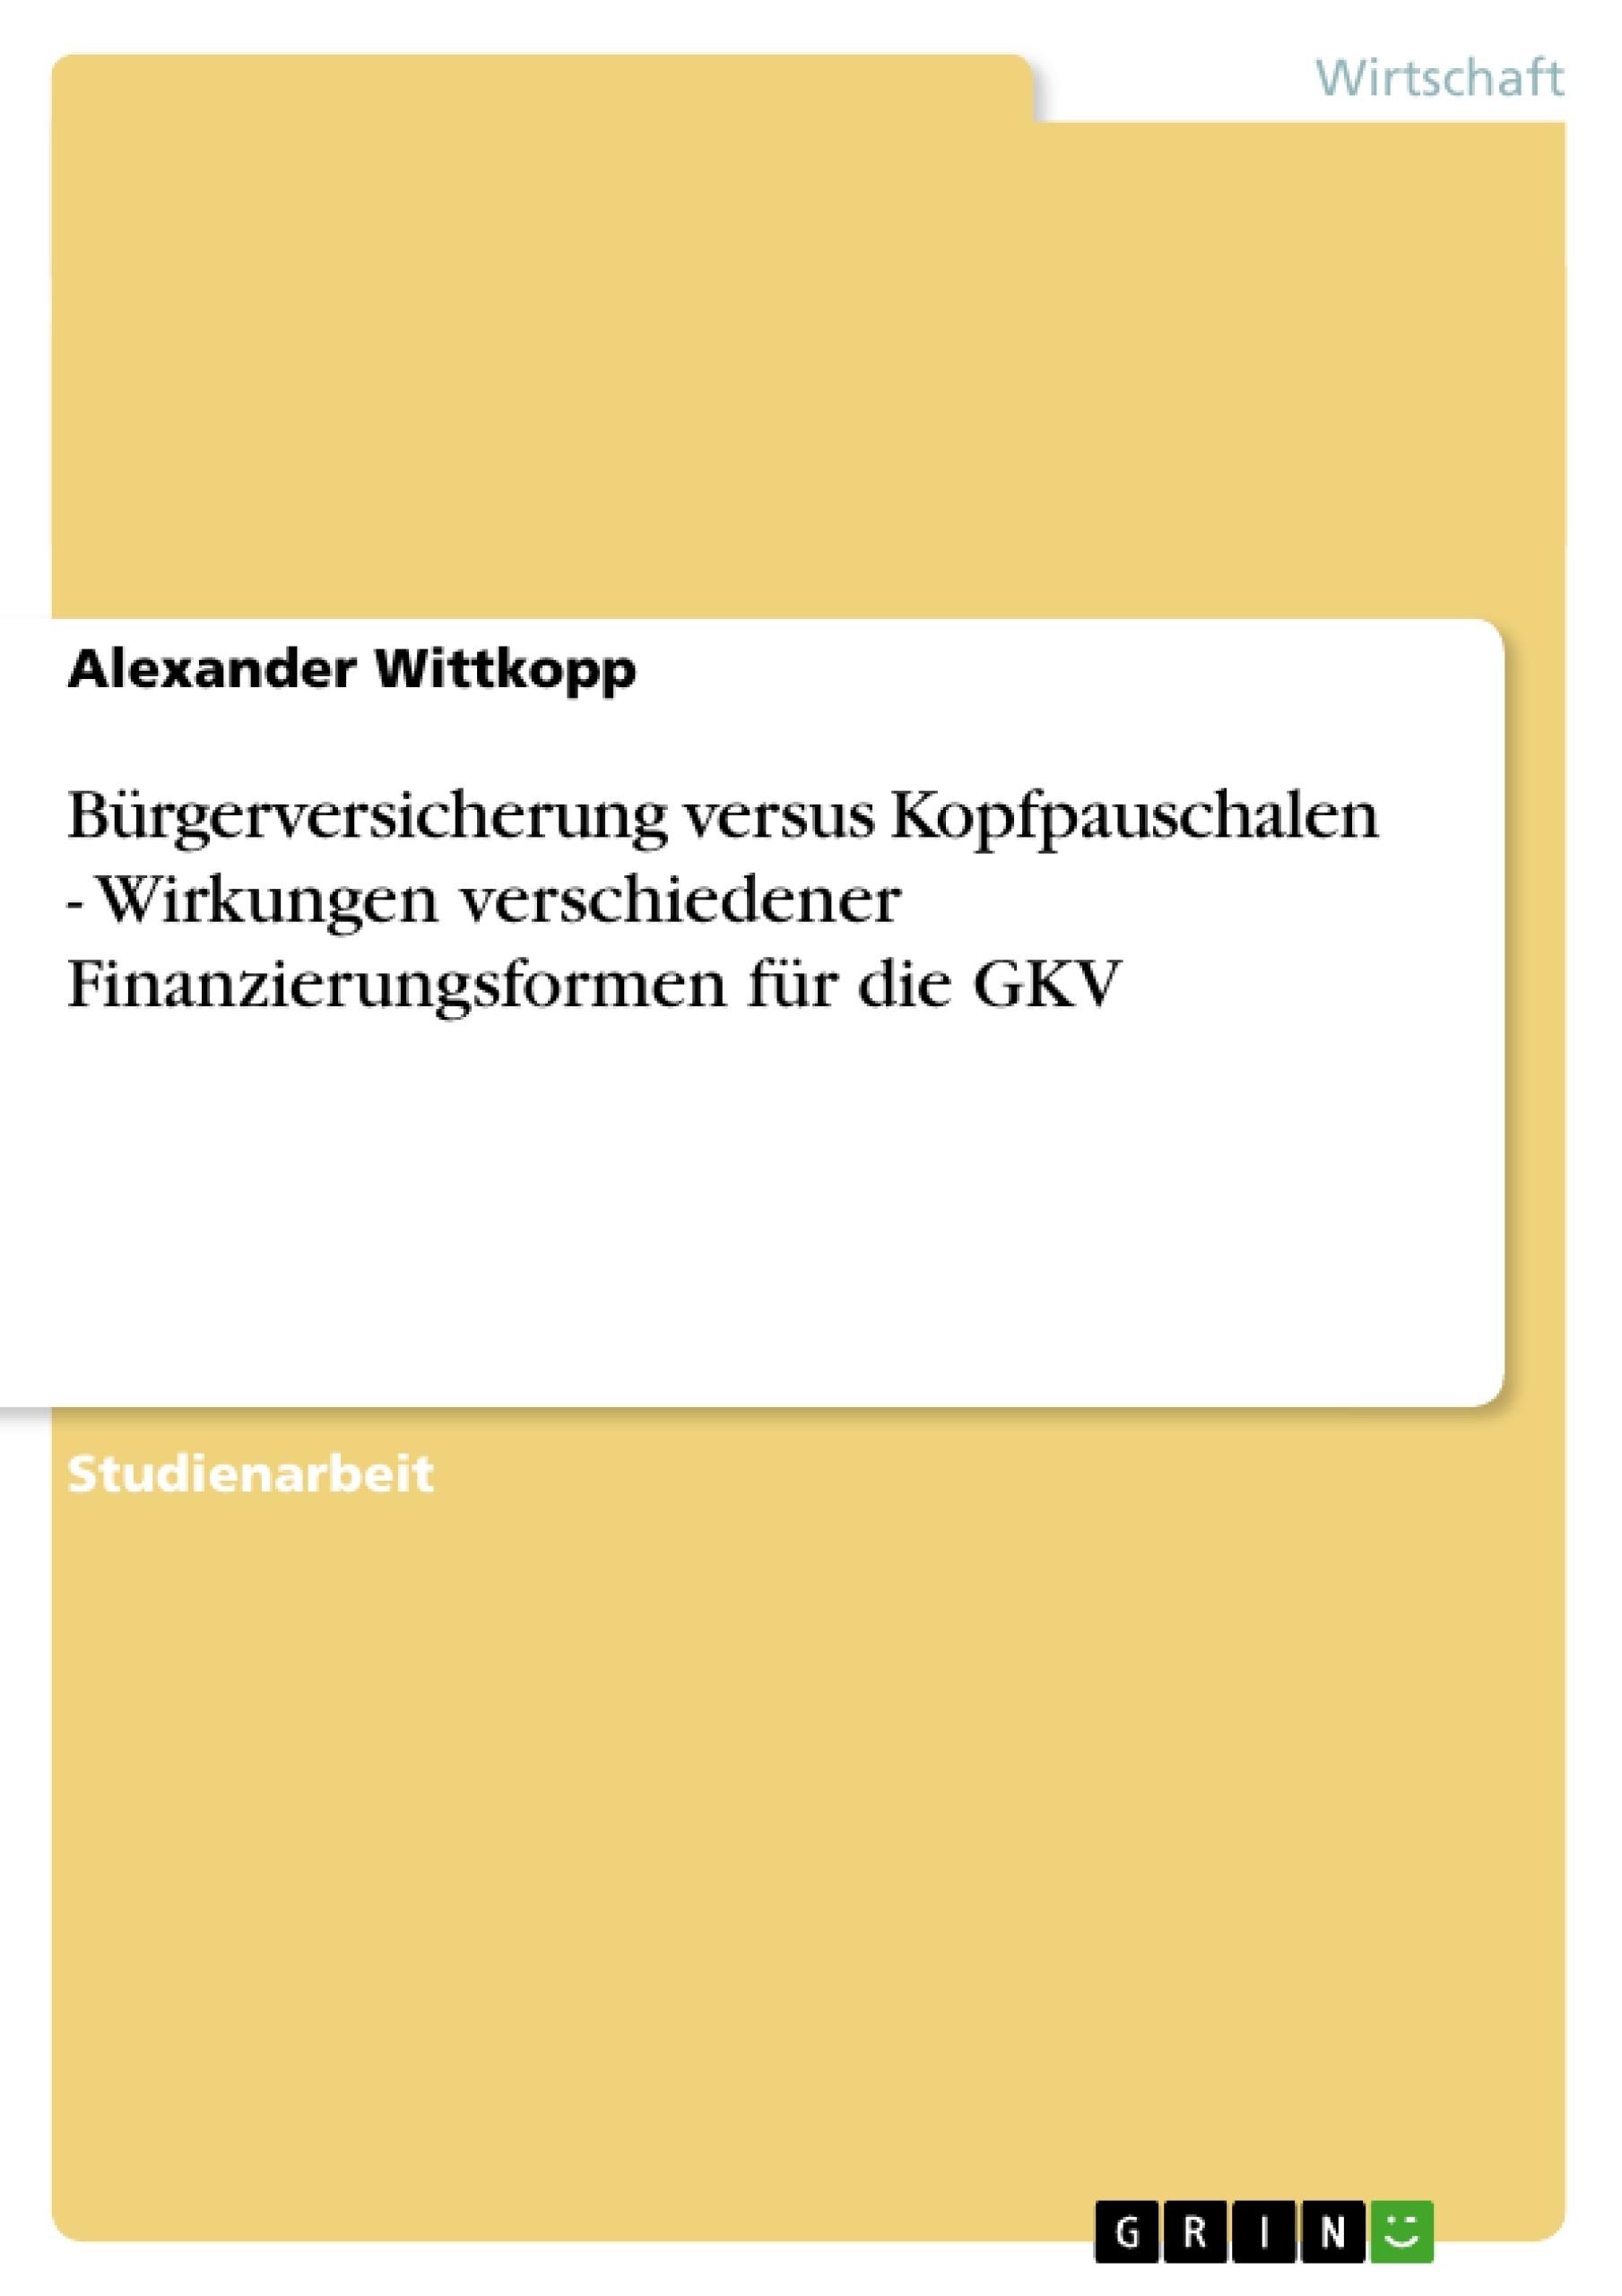 Titel: Bürgerversicherung versus Kopfpauschalen - Wirkungen verschiedener Finanzierungsformen für die GKV